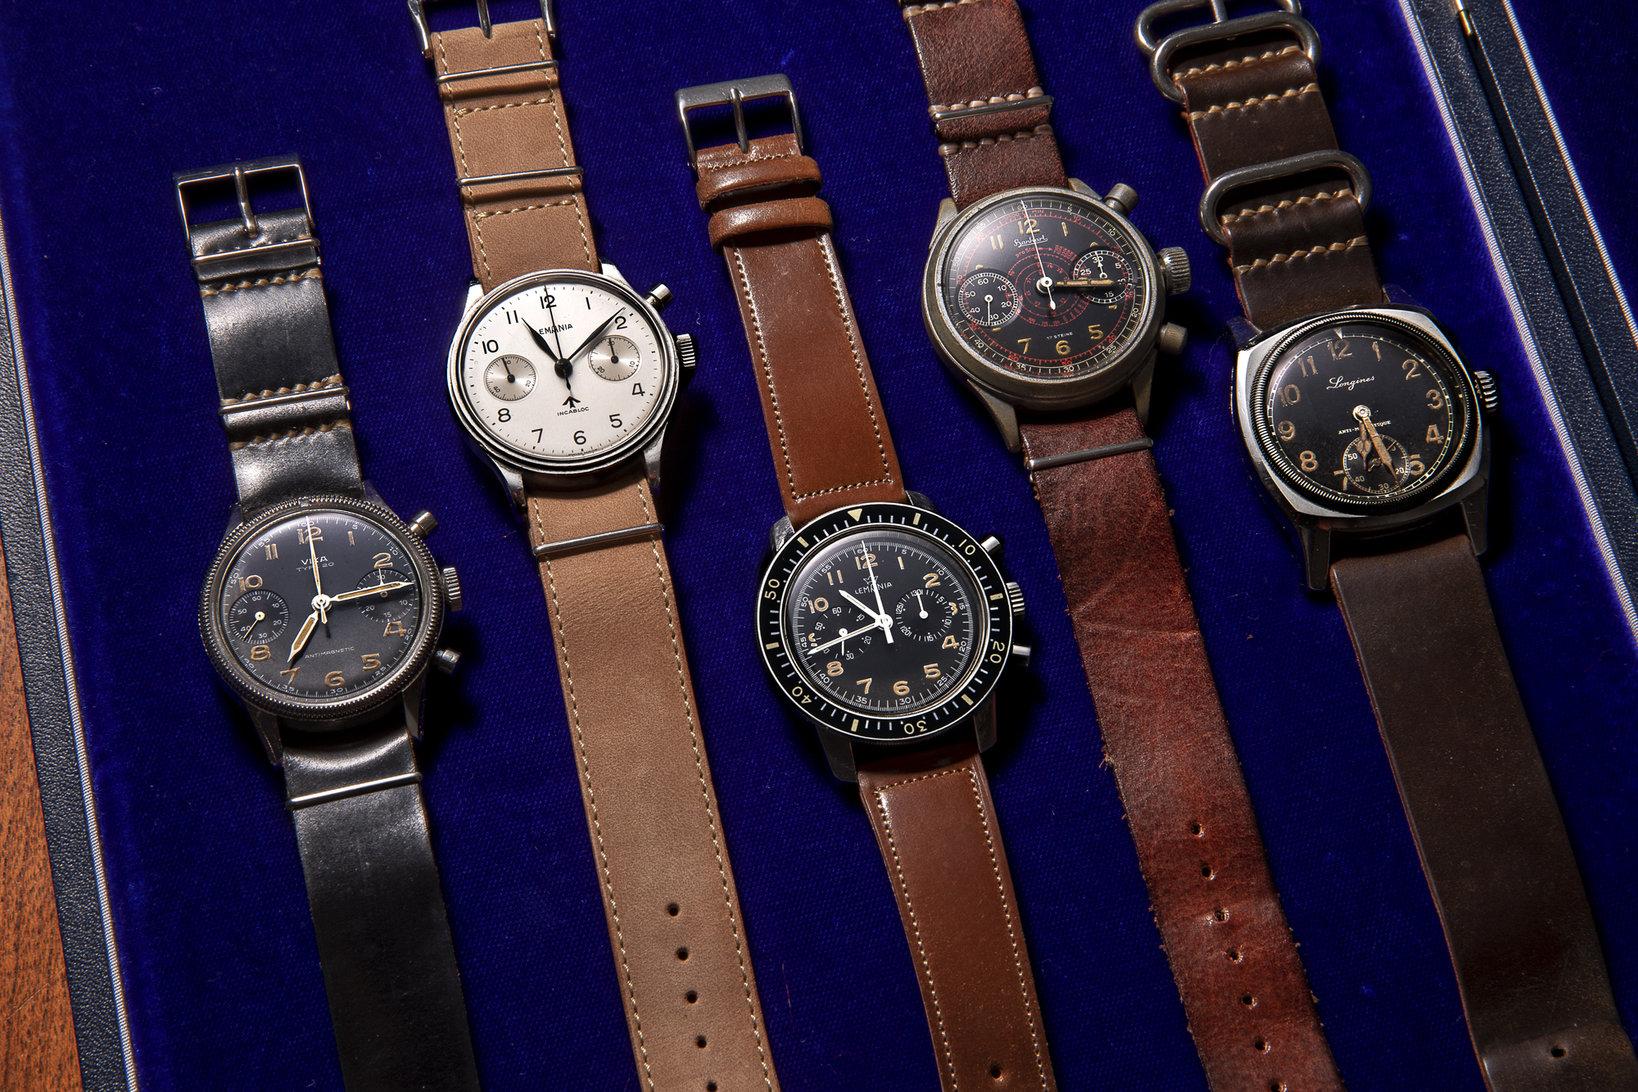 萩原さんは数多くのアンティーク時計を所有している